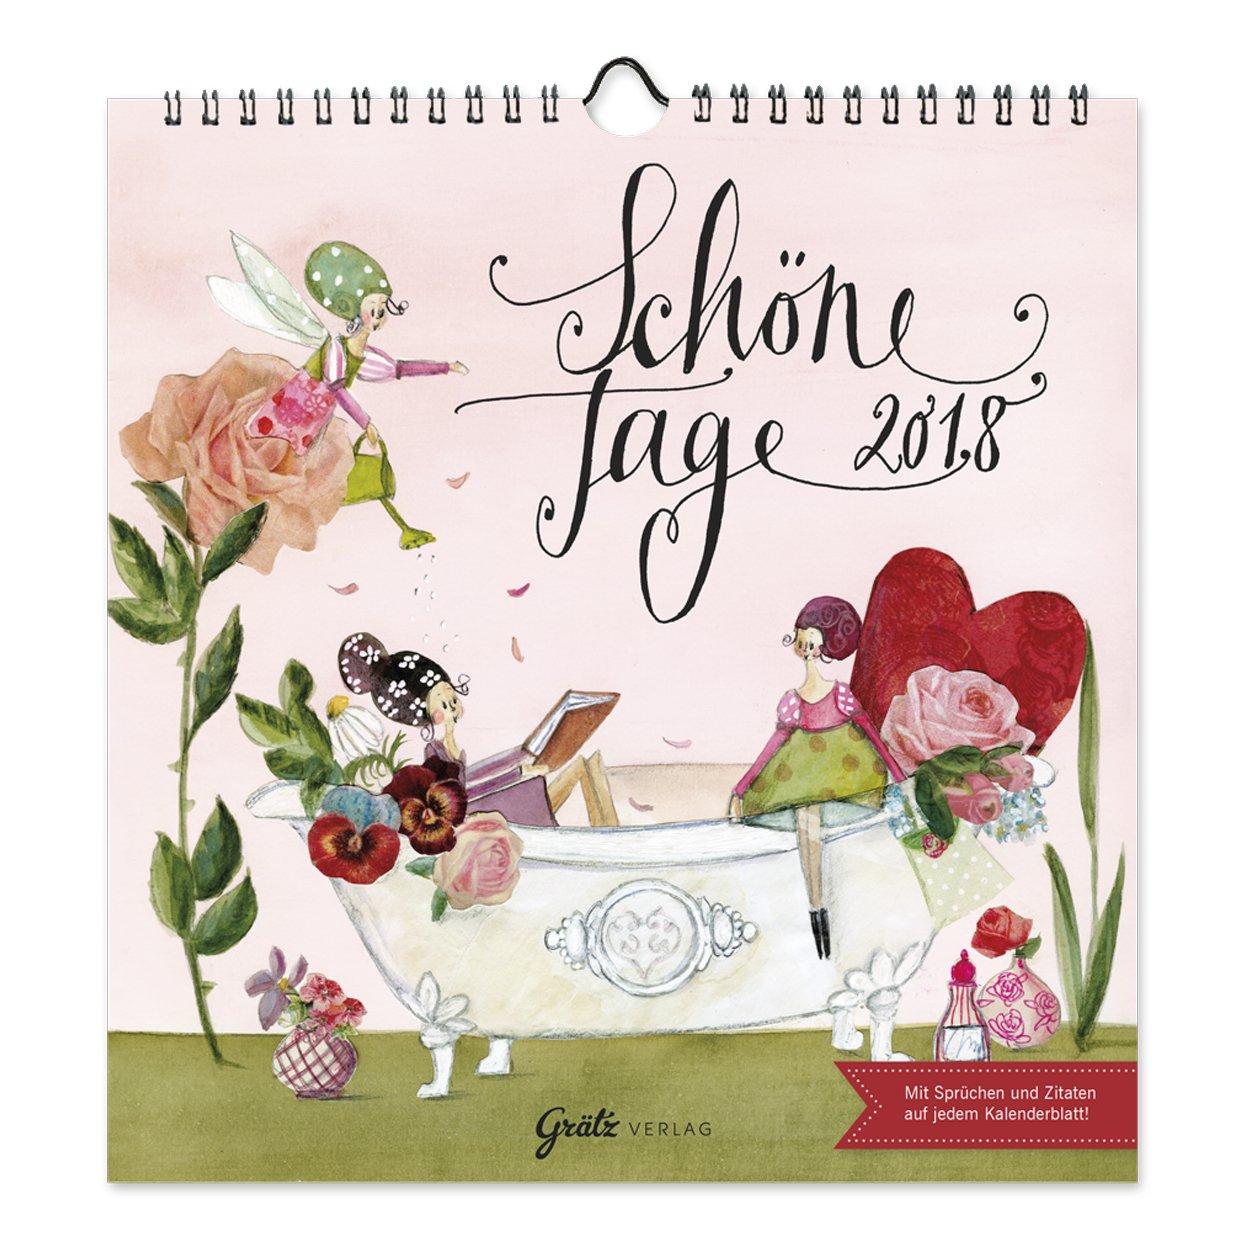 Wandkalender 2018 'Schöne Tage', aus dem Grätz Verlag, von Silke Leffler, mit Sprüchen und Zitaten